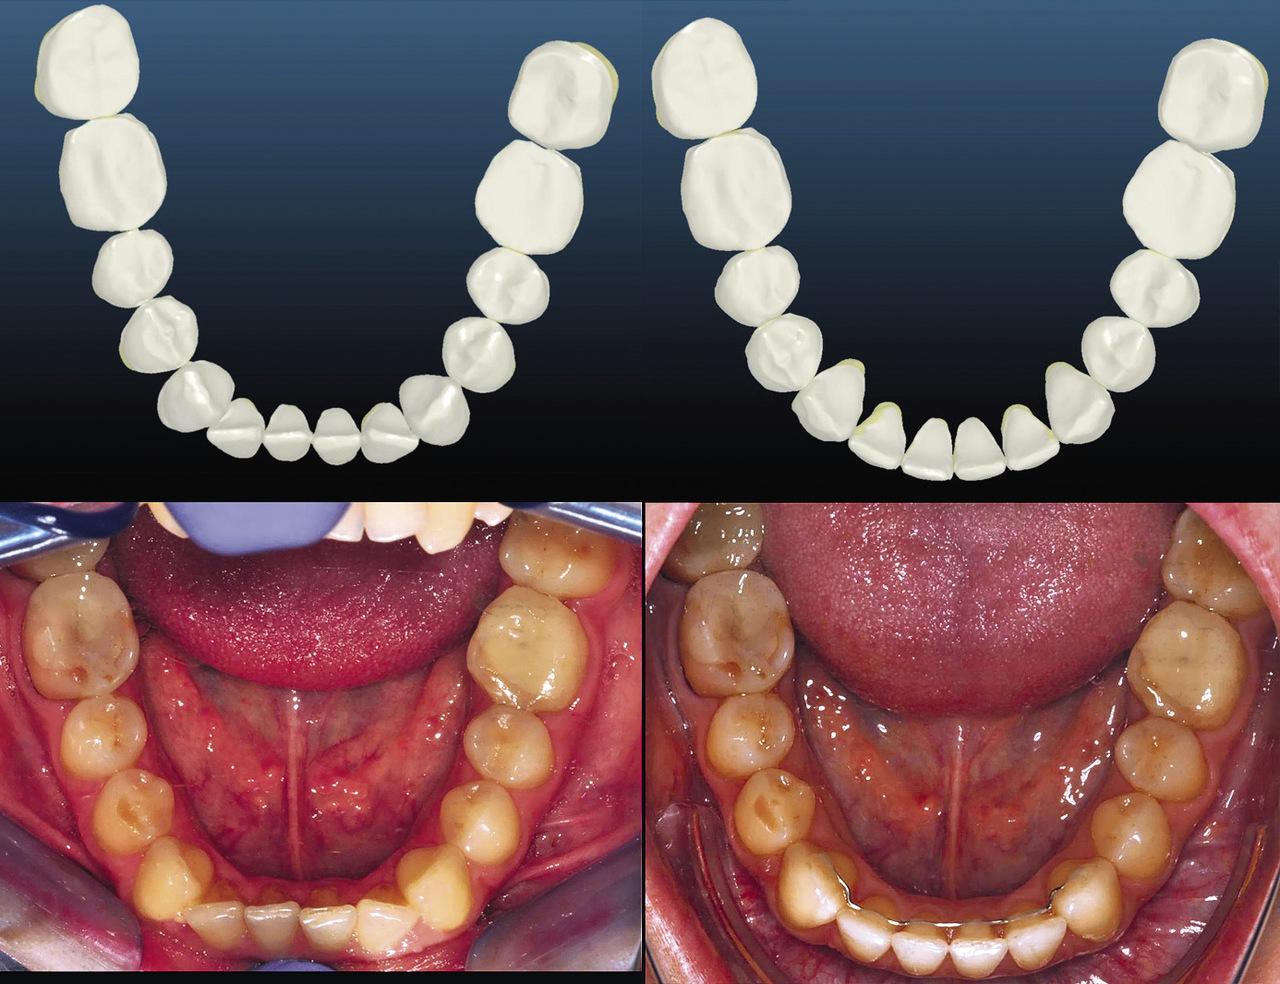 Рис. 9. Окклюзионные фотографии и виртуальный сетап верхнего зубного ряда.